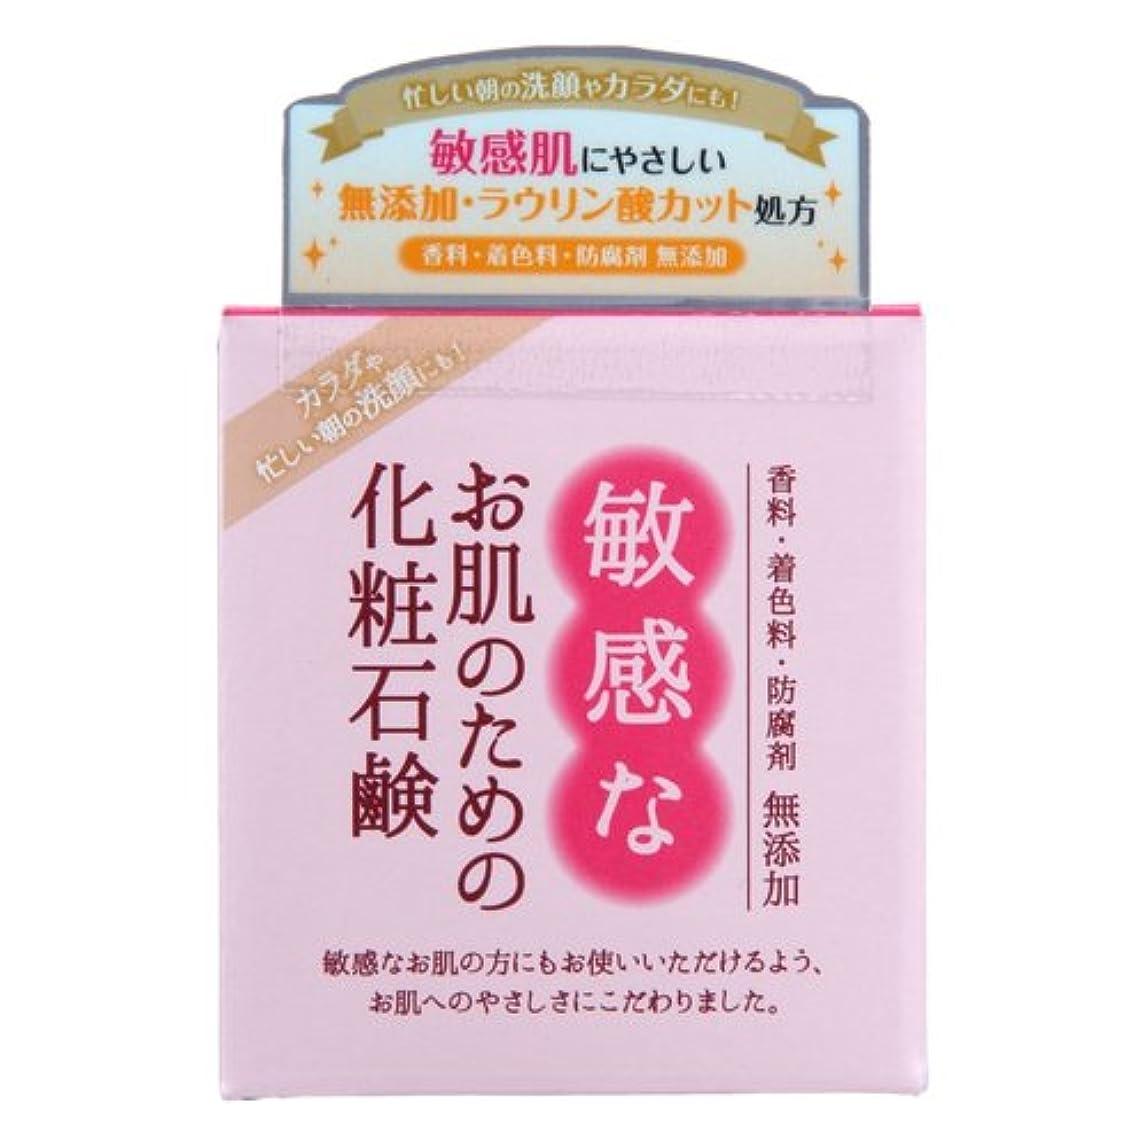 横に女の子冗談で敏感なお肌のための化粧石鹸 100g CBH-S